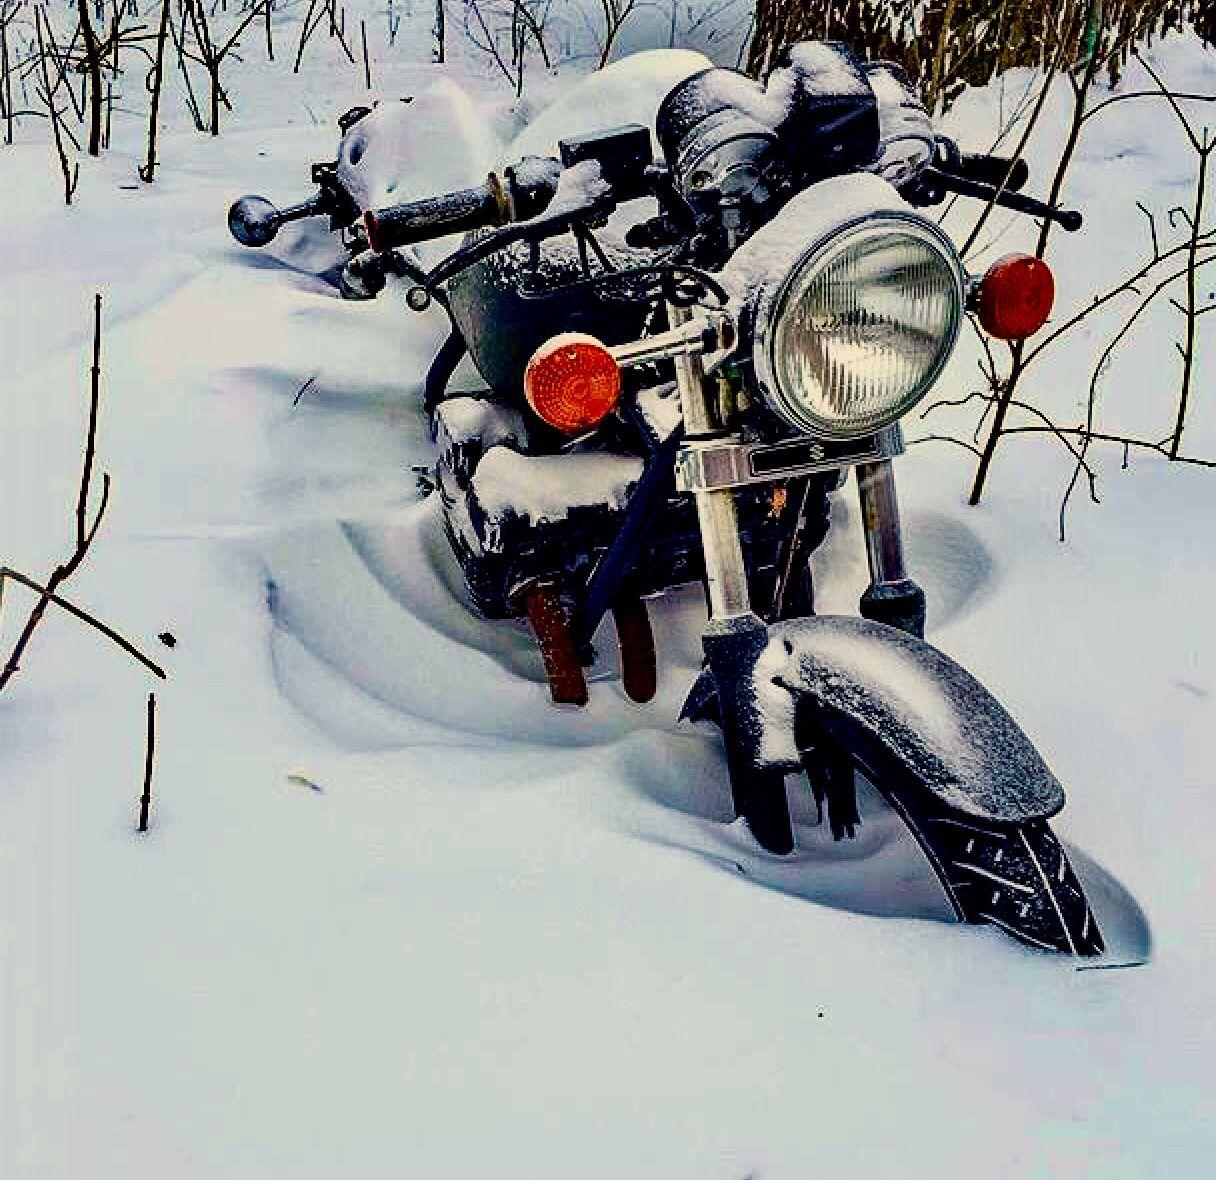 winter einstelldienst f r motorr der chf monat inkl motorrad reinigung gegen aufpreis. Black Bedroom Furniture Sets. Home Design Ideas